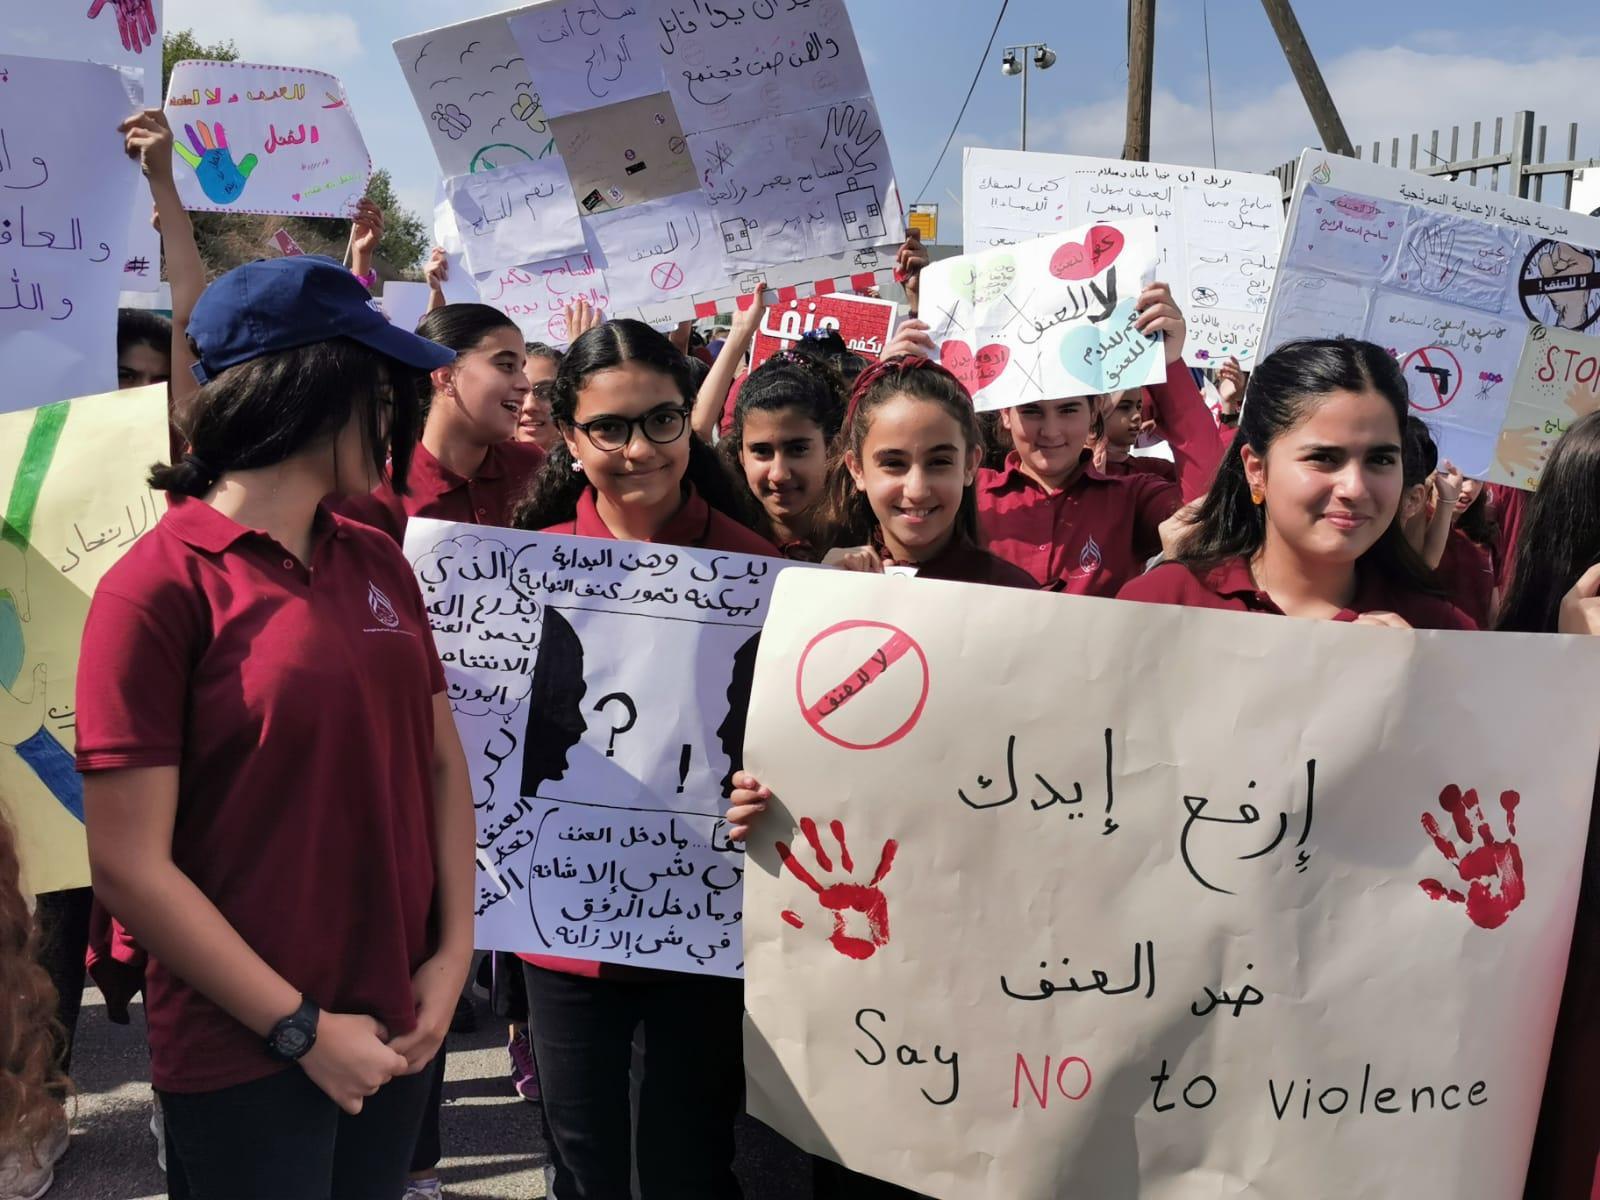 طلاب أم الفحم ينتفضون ضد العنف والجريمة